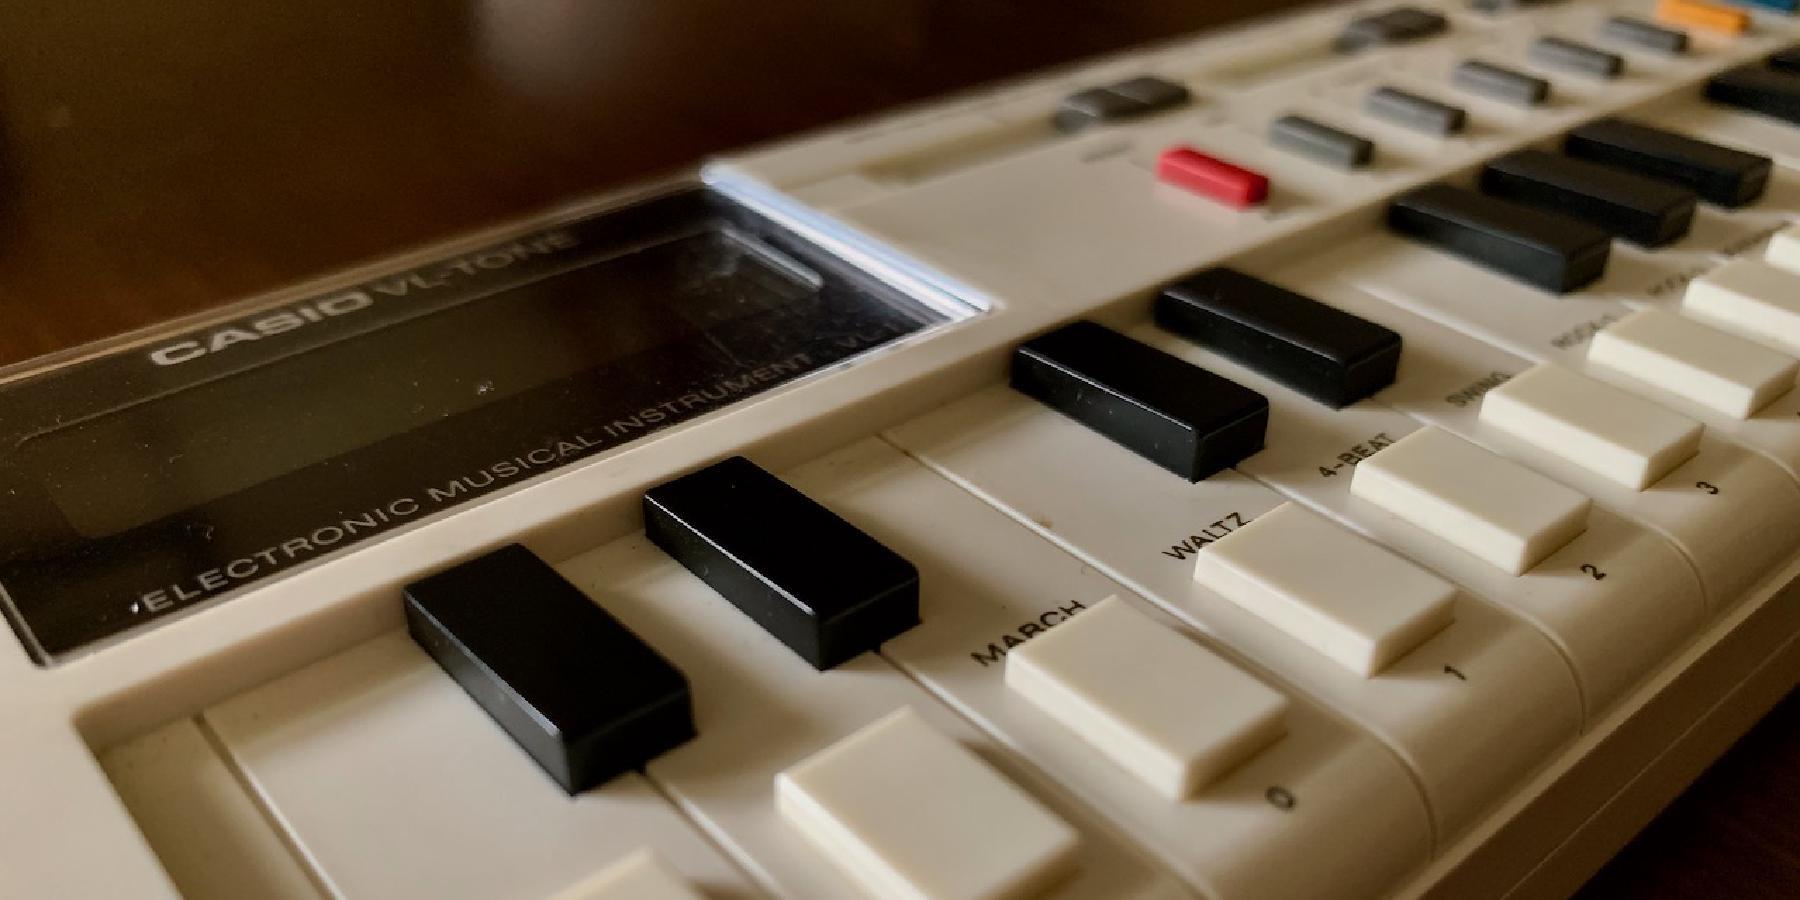 My Casio VL-Tone